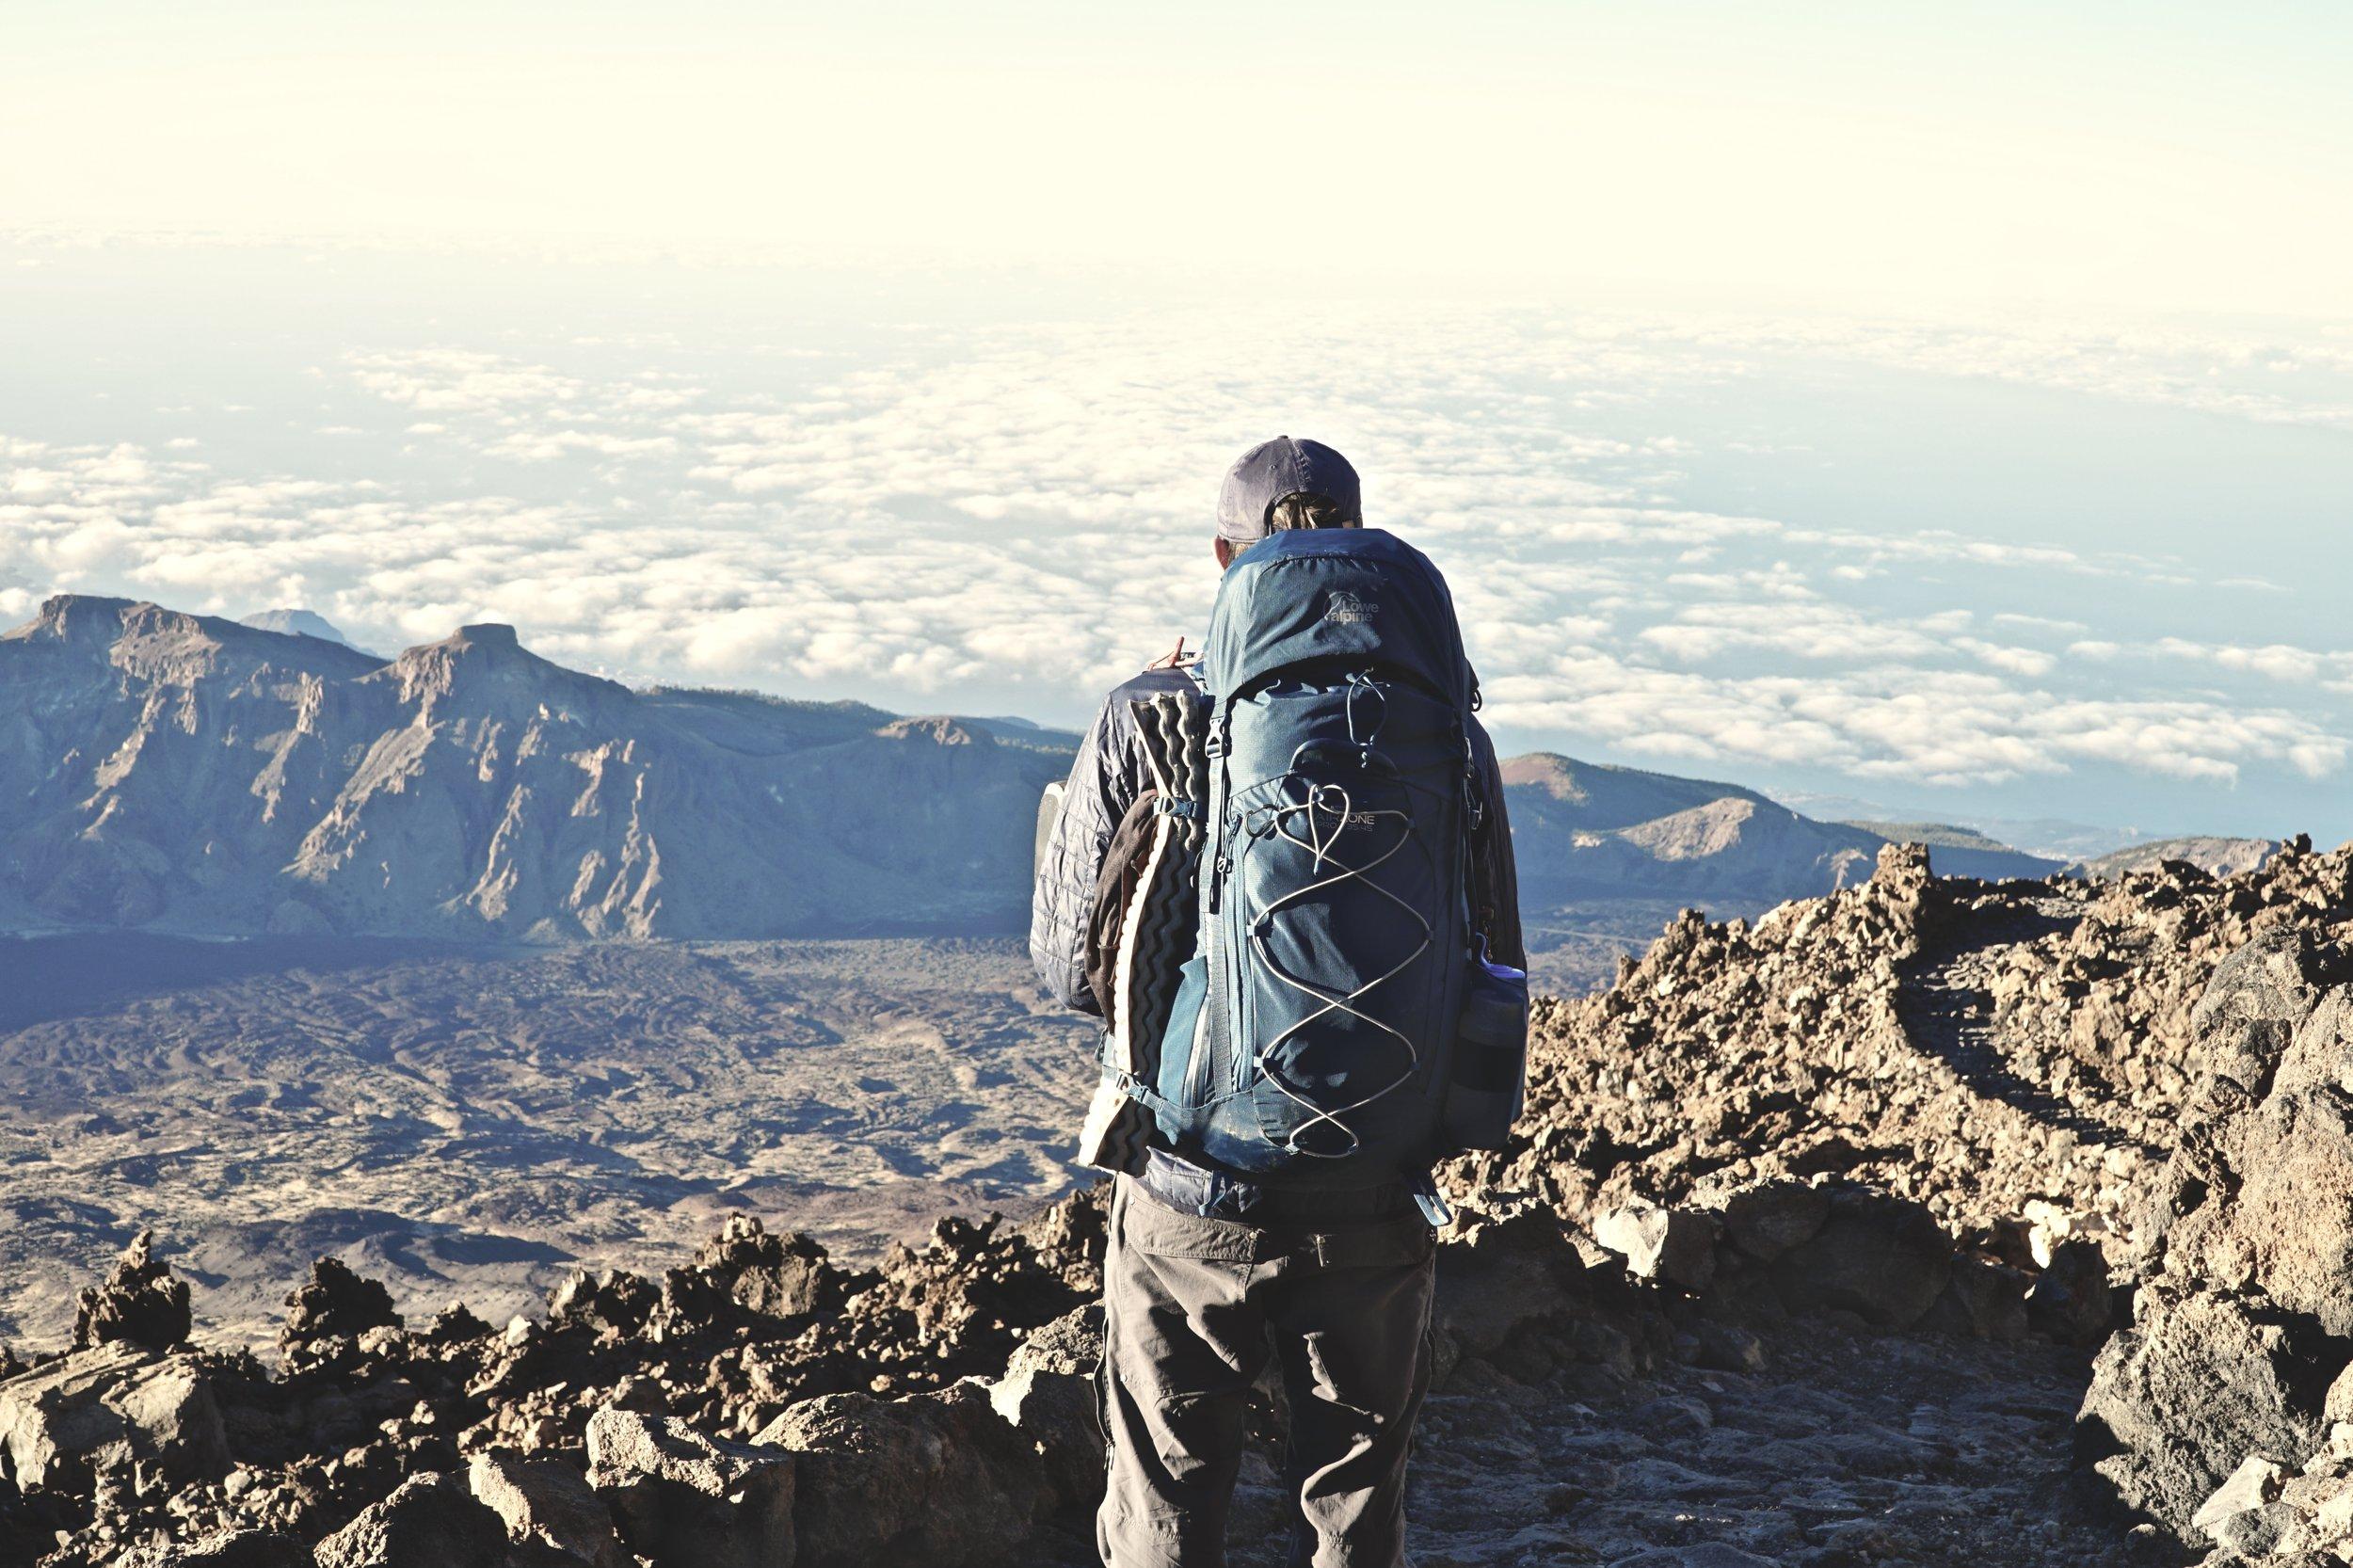 Tenerife, januar 2018 - Tryk på billedet for at se hele billedserien